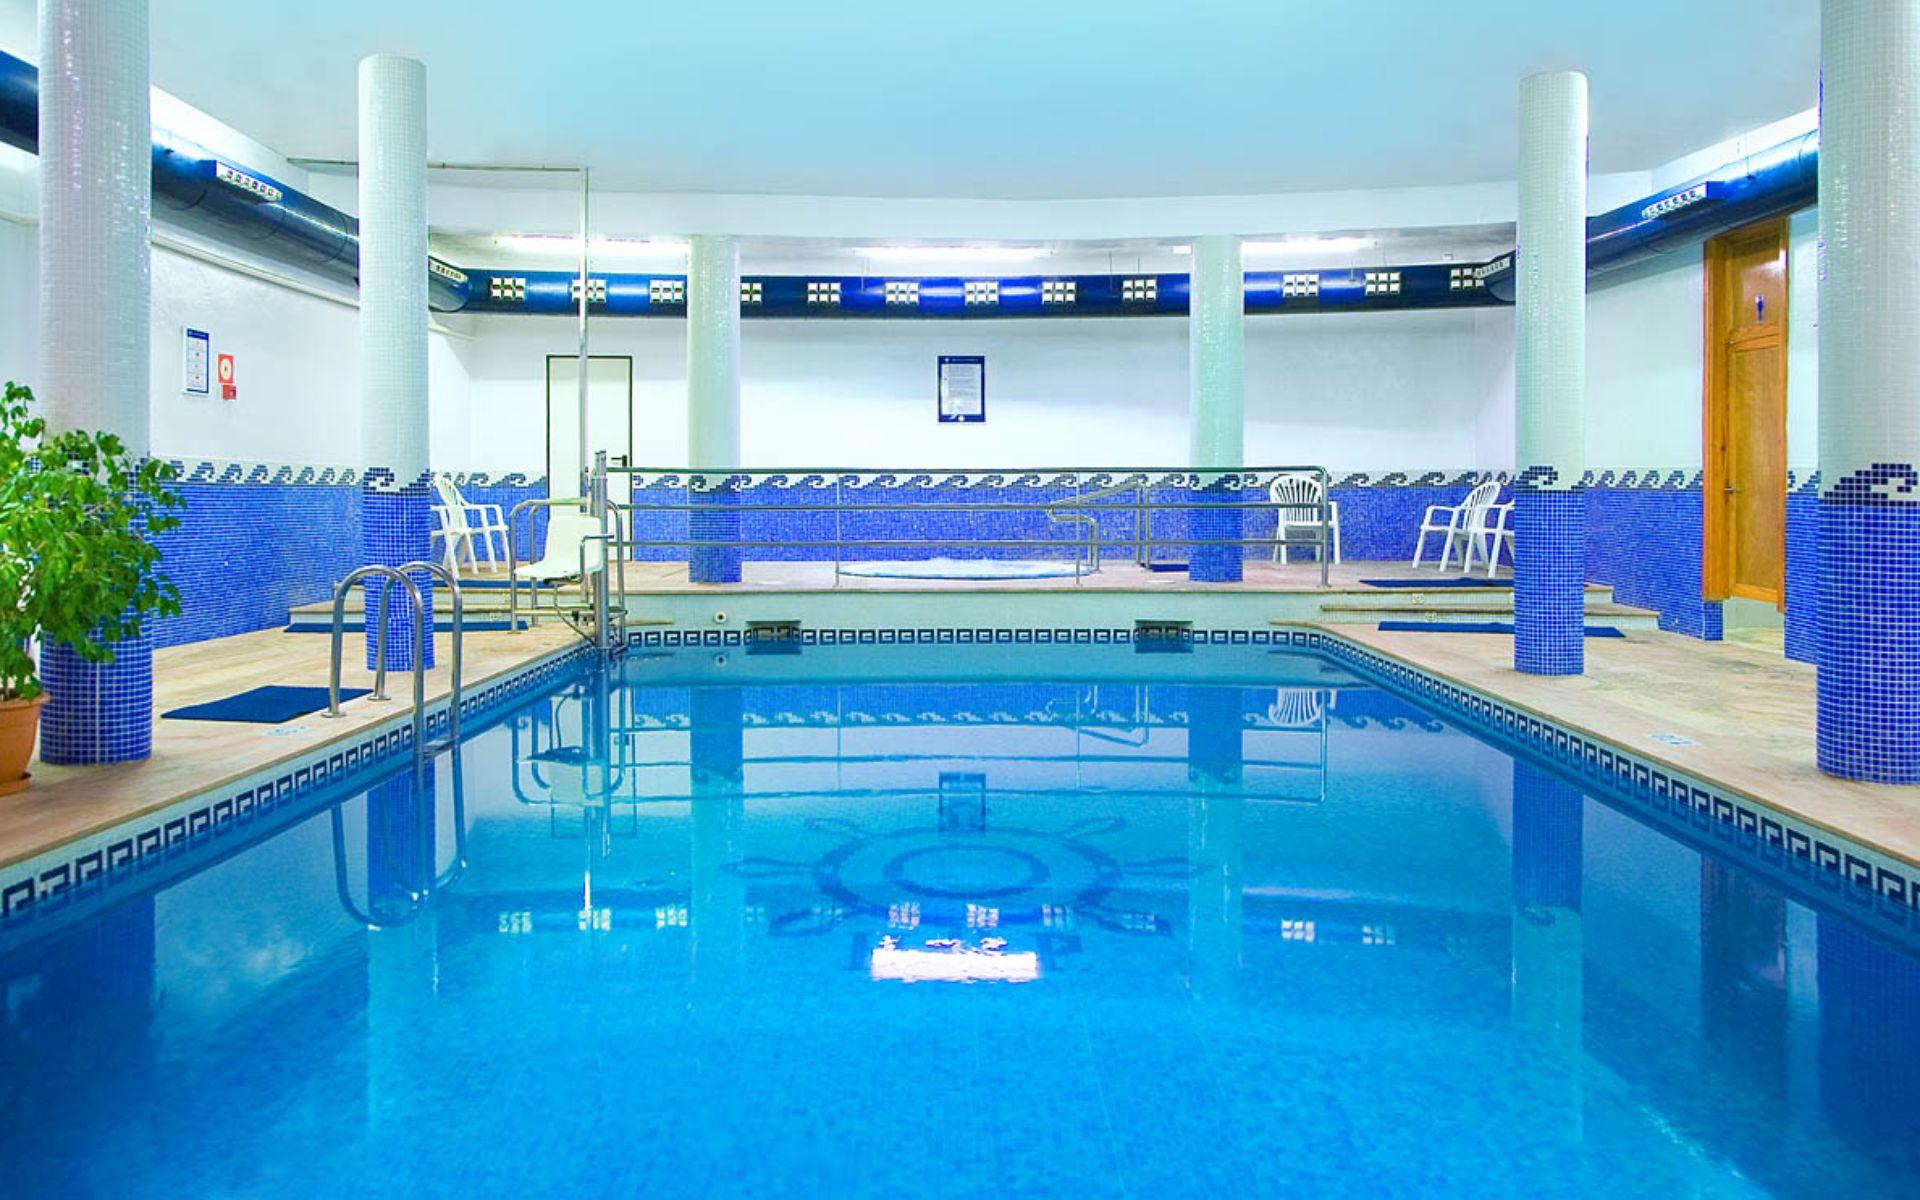 Hotel poseidon resort en benidorm costa blanca desde 35 for Hoteis zona centro com piscina interior